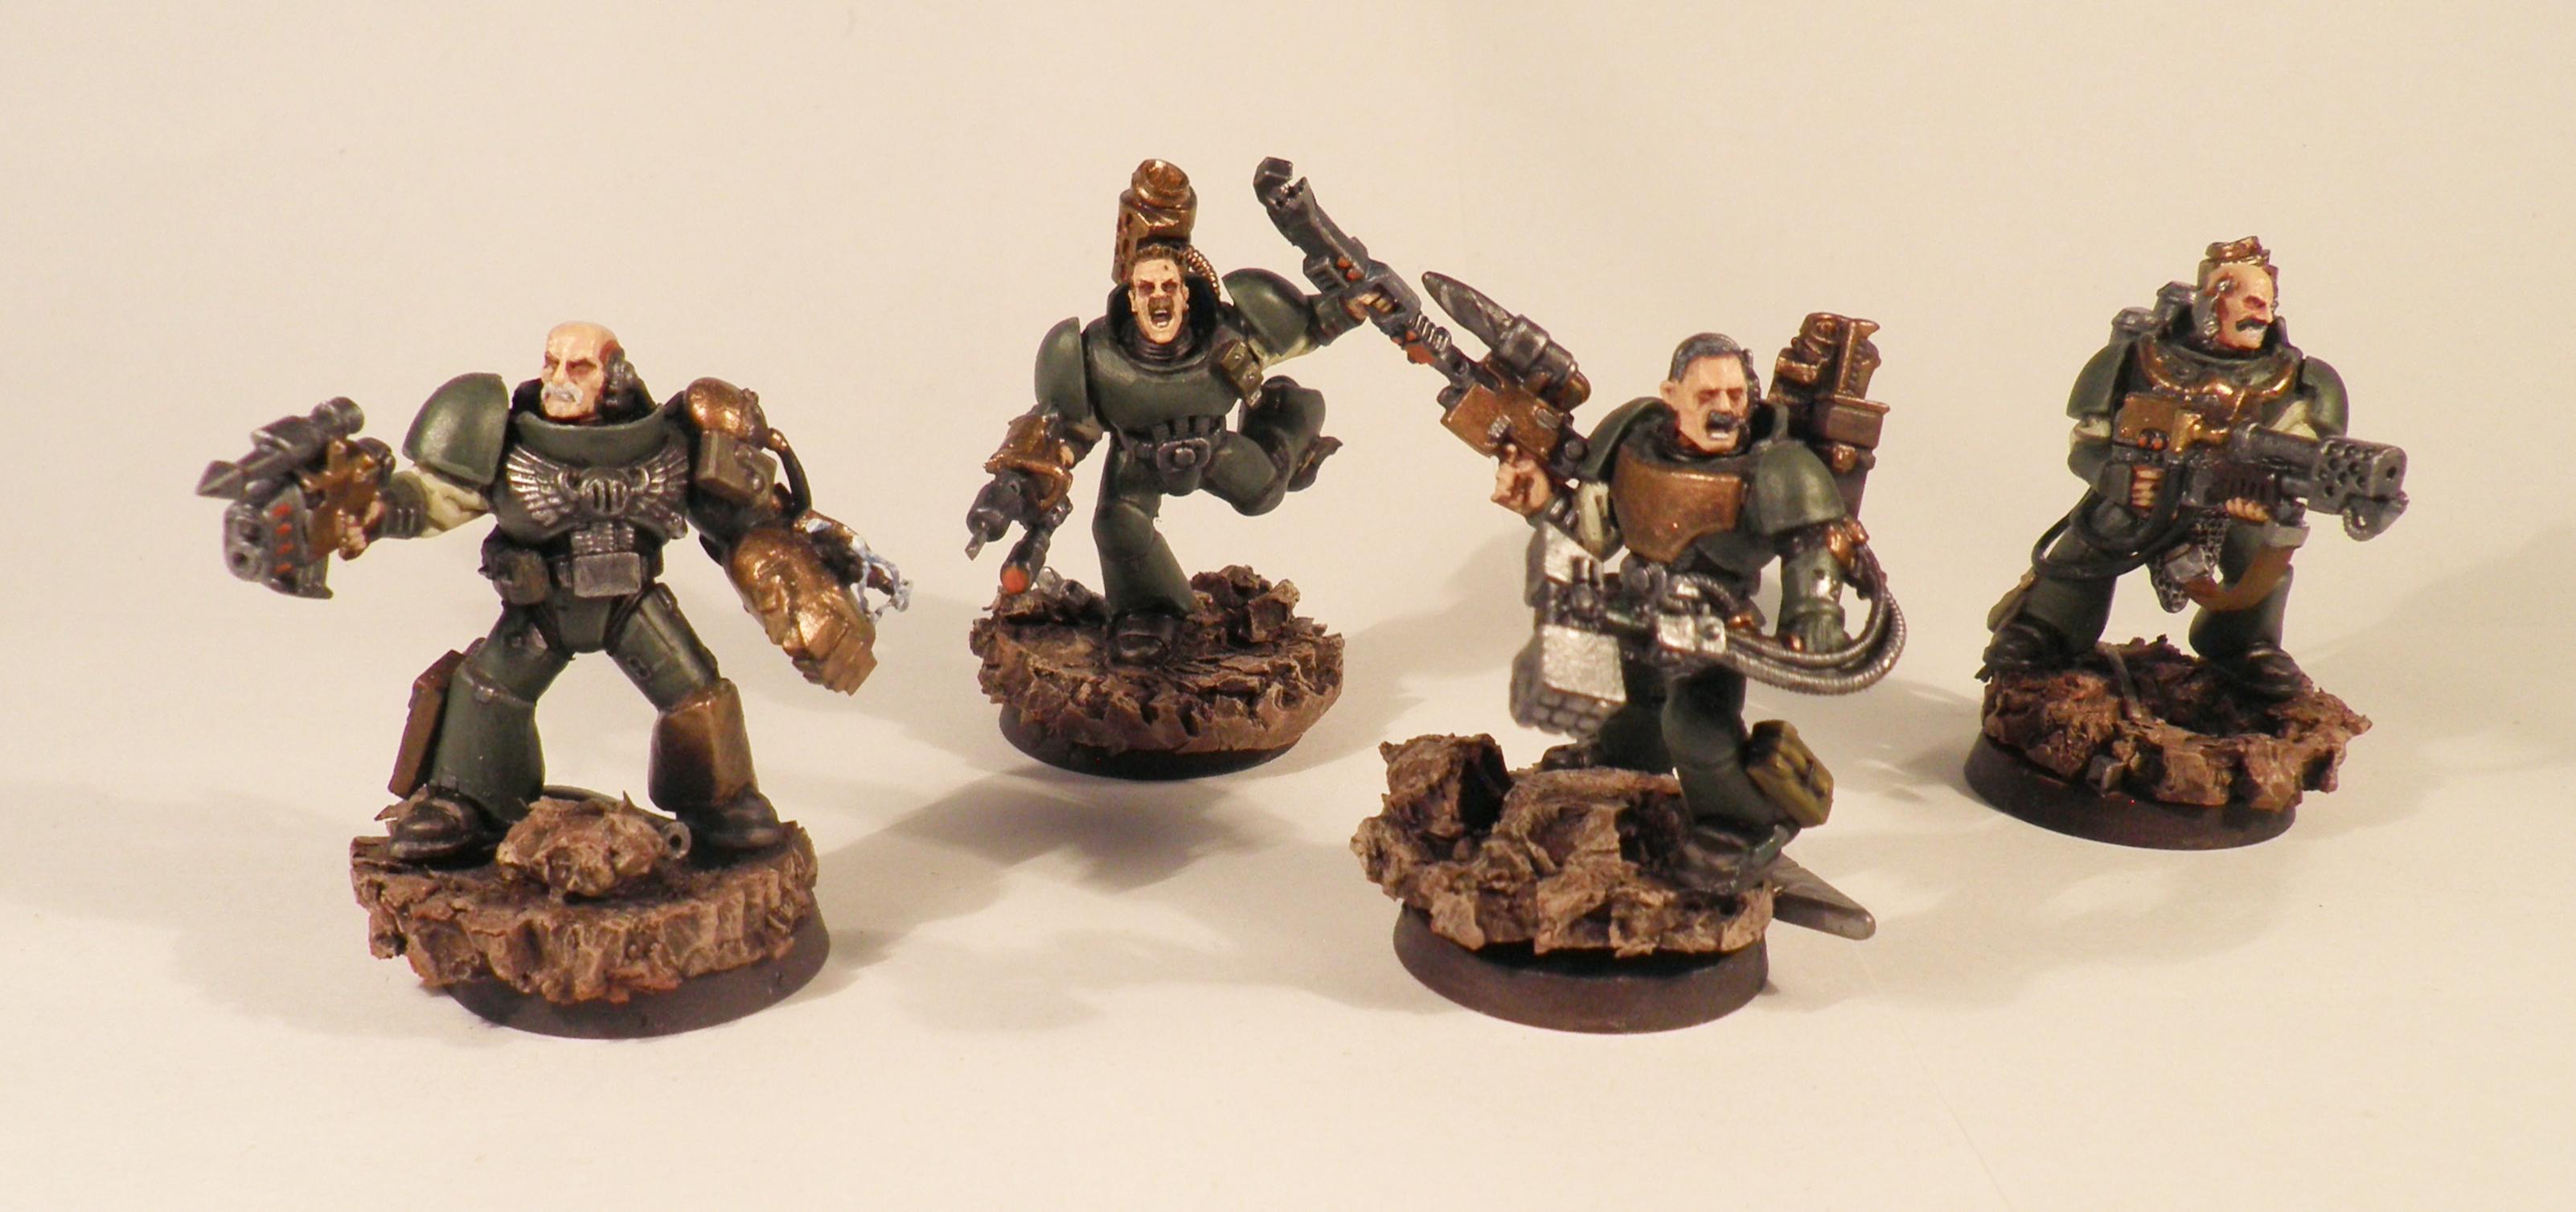 Punk, Space Marines, Steam, Steampunk, Warhammer 40,000